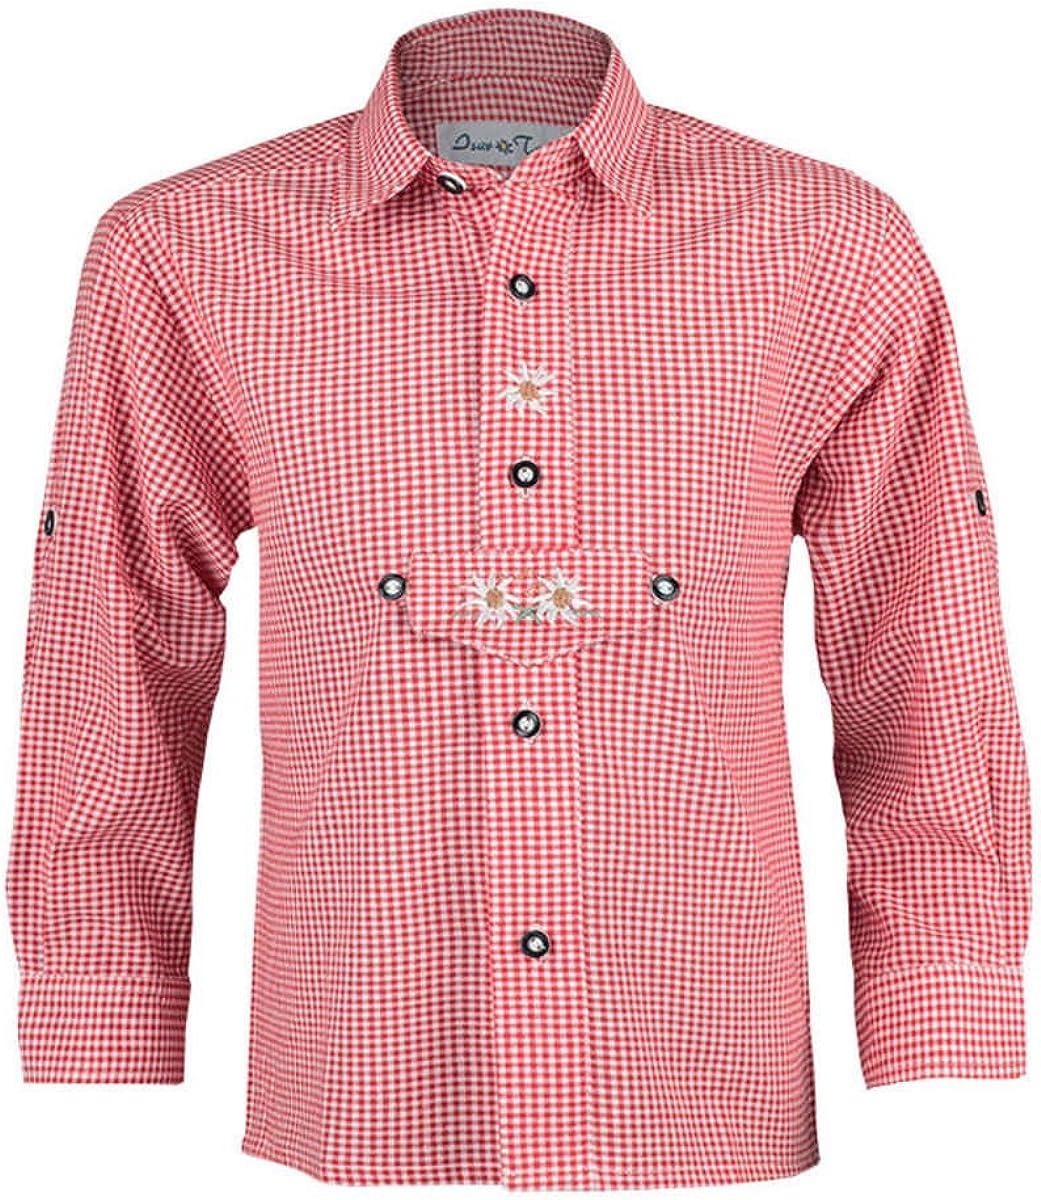 Isar-Trachten Joven Trachten Niños Camisa Rojo, Rojo, 68